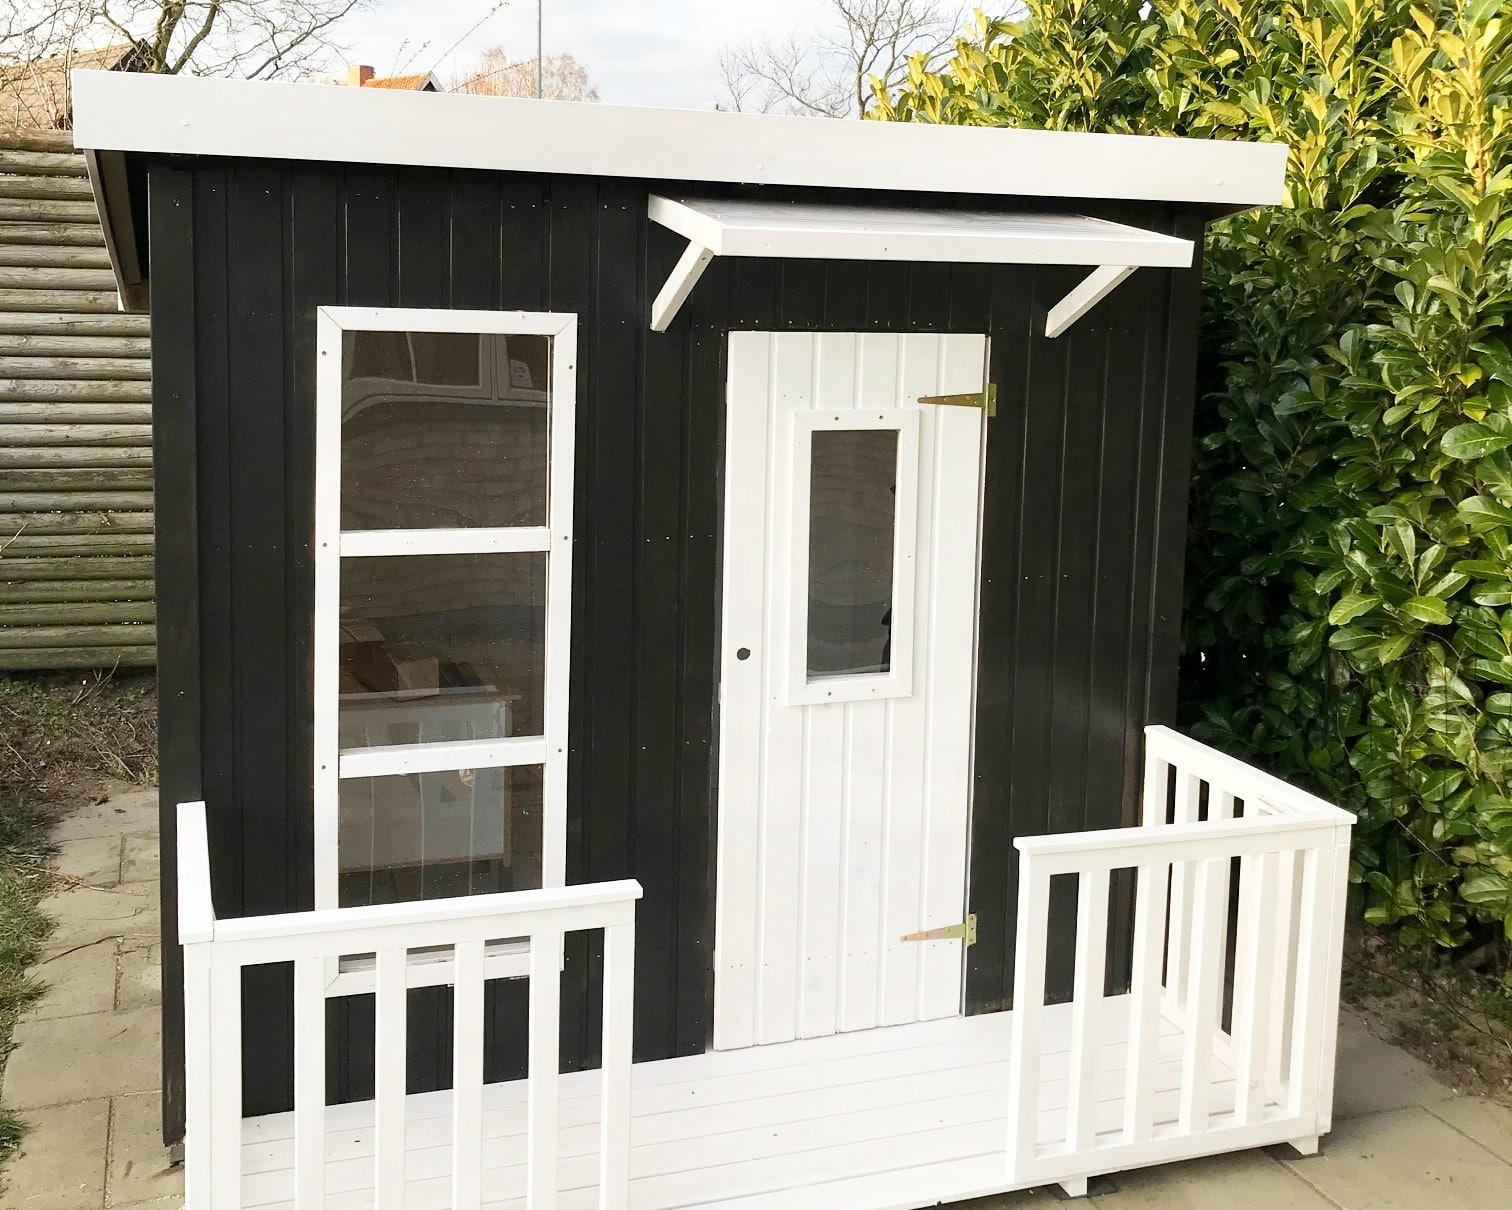 Byg legehus fra Sølund Huse - Lille Harry